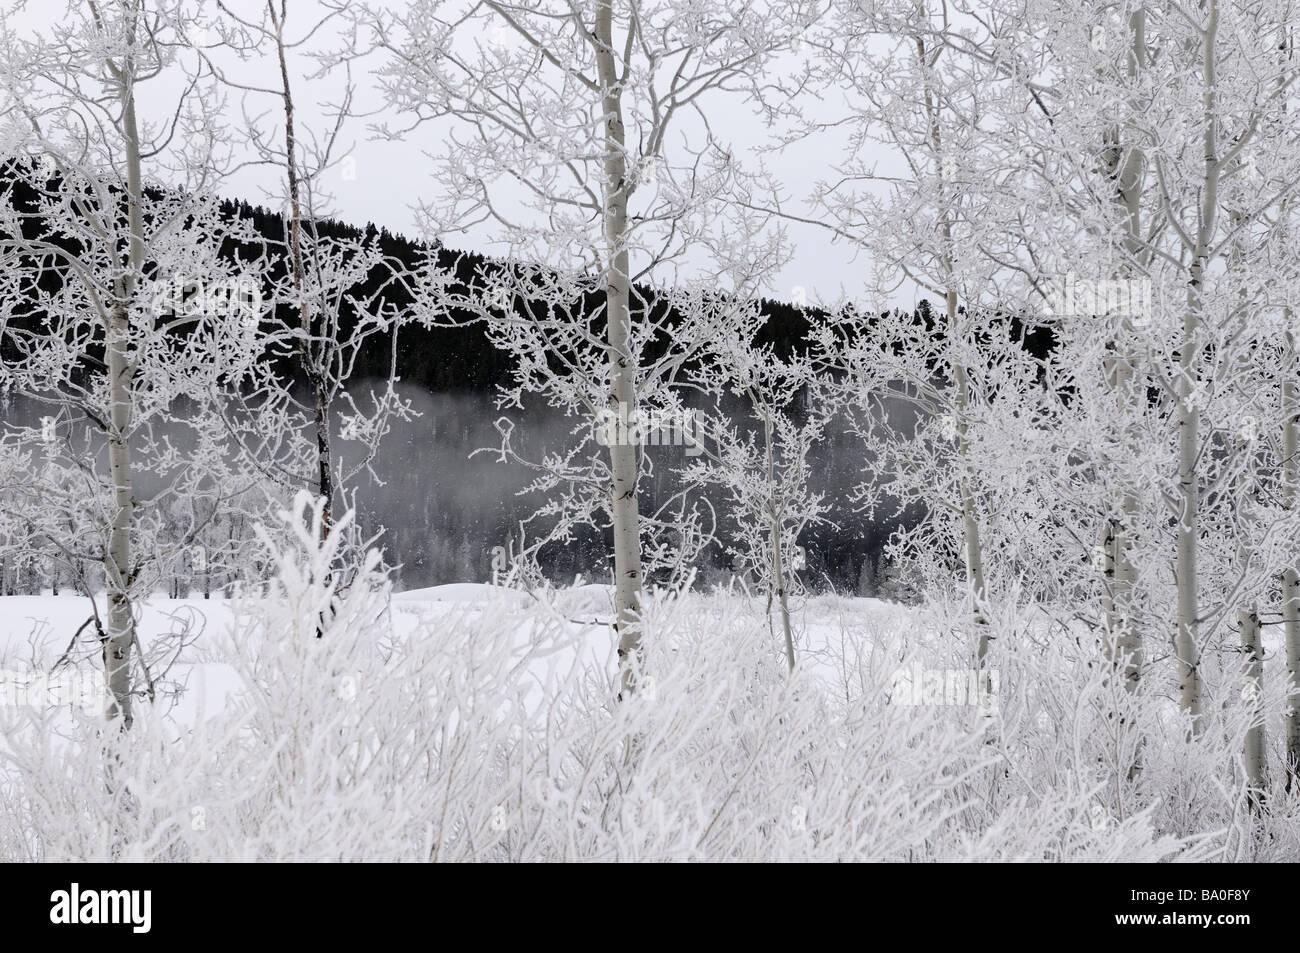 Árboles y arbustos cubiertos de escarcha en oxbow bend en el Snake River contra la señal oscura montaña en el parque nacional Grand Teton wyoming usa Foto de stock